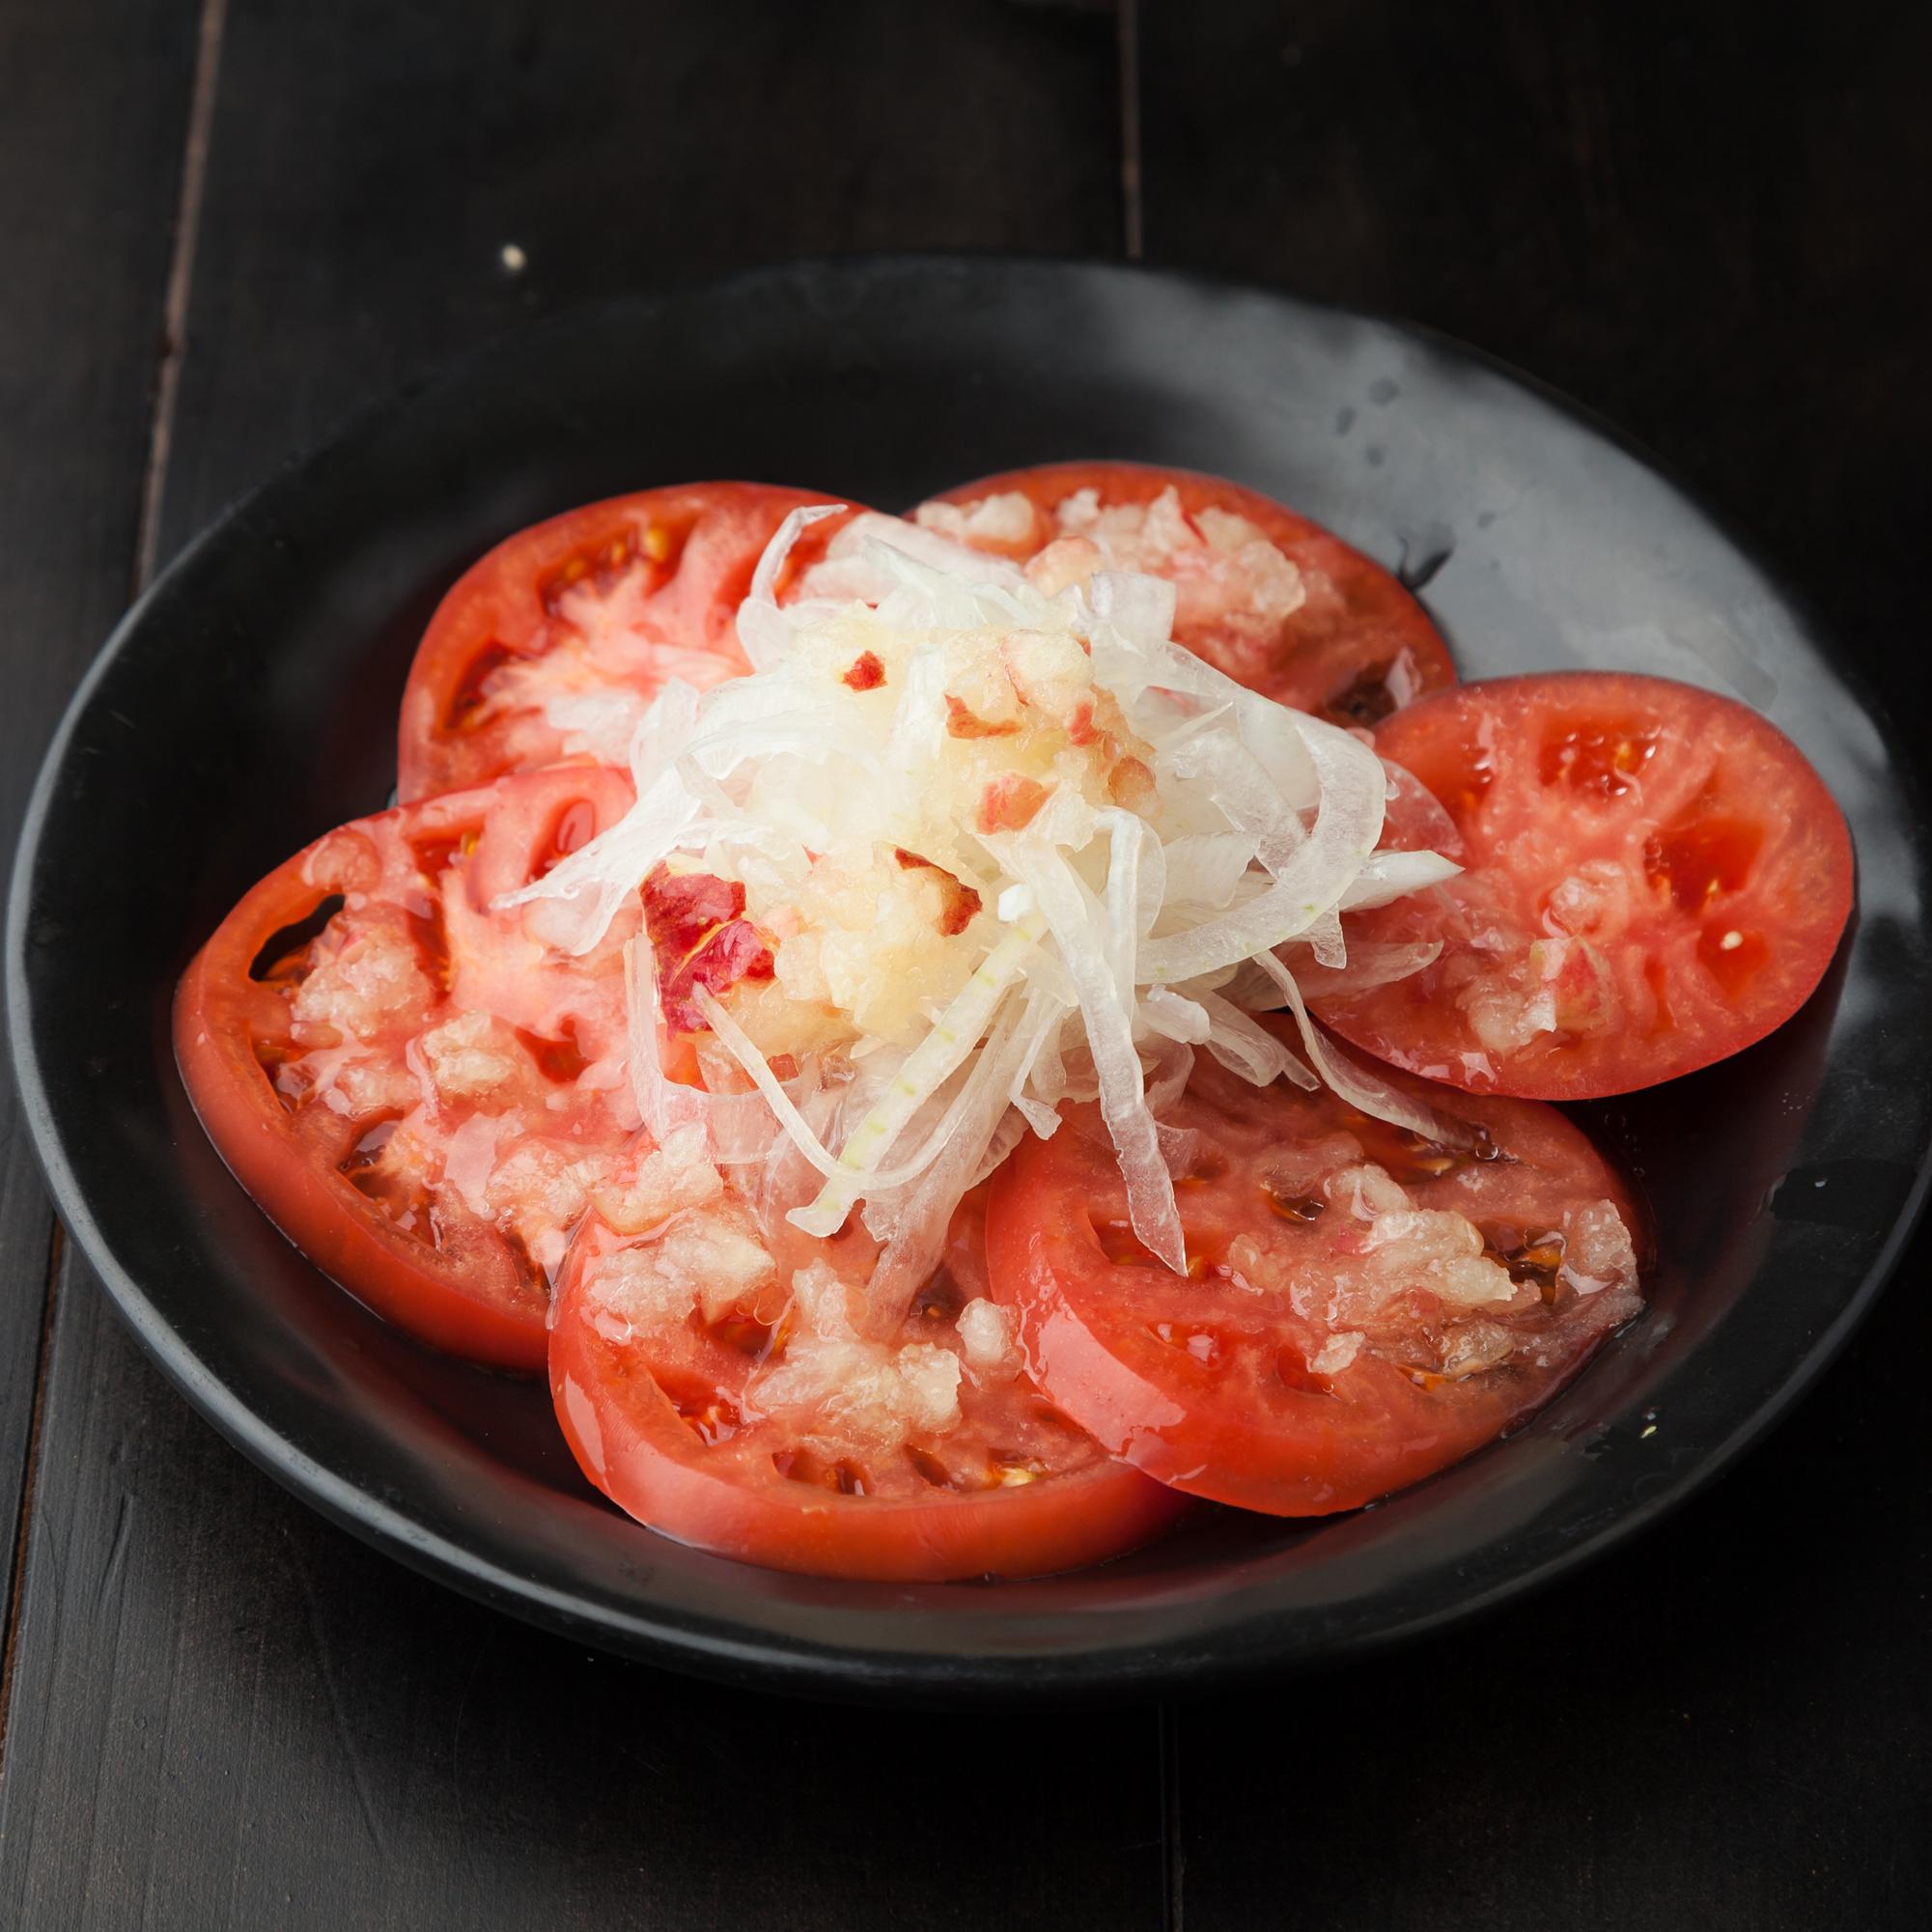 摩りおろしリンゴのトマトサラダ